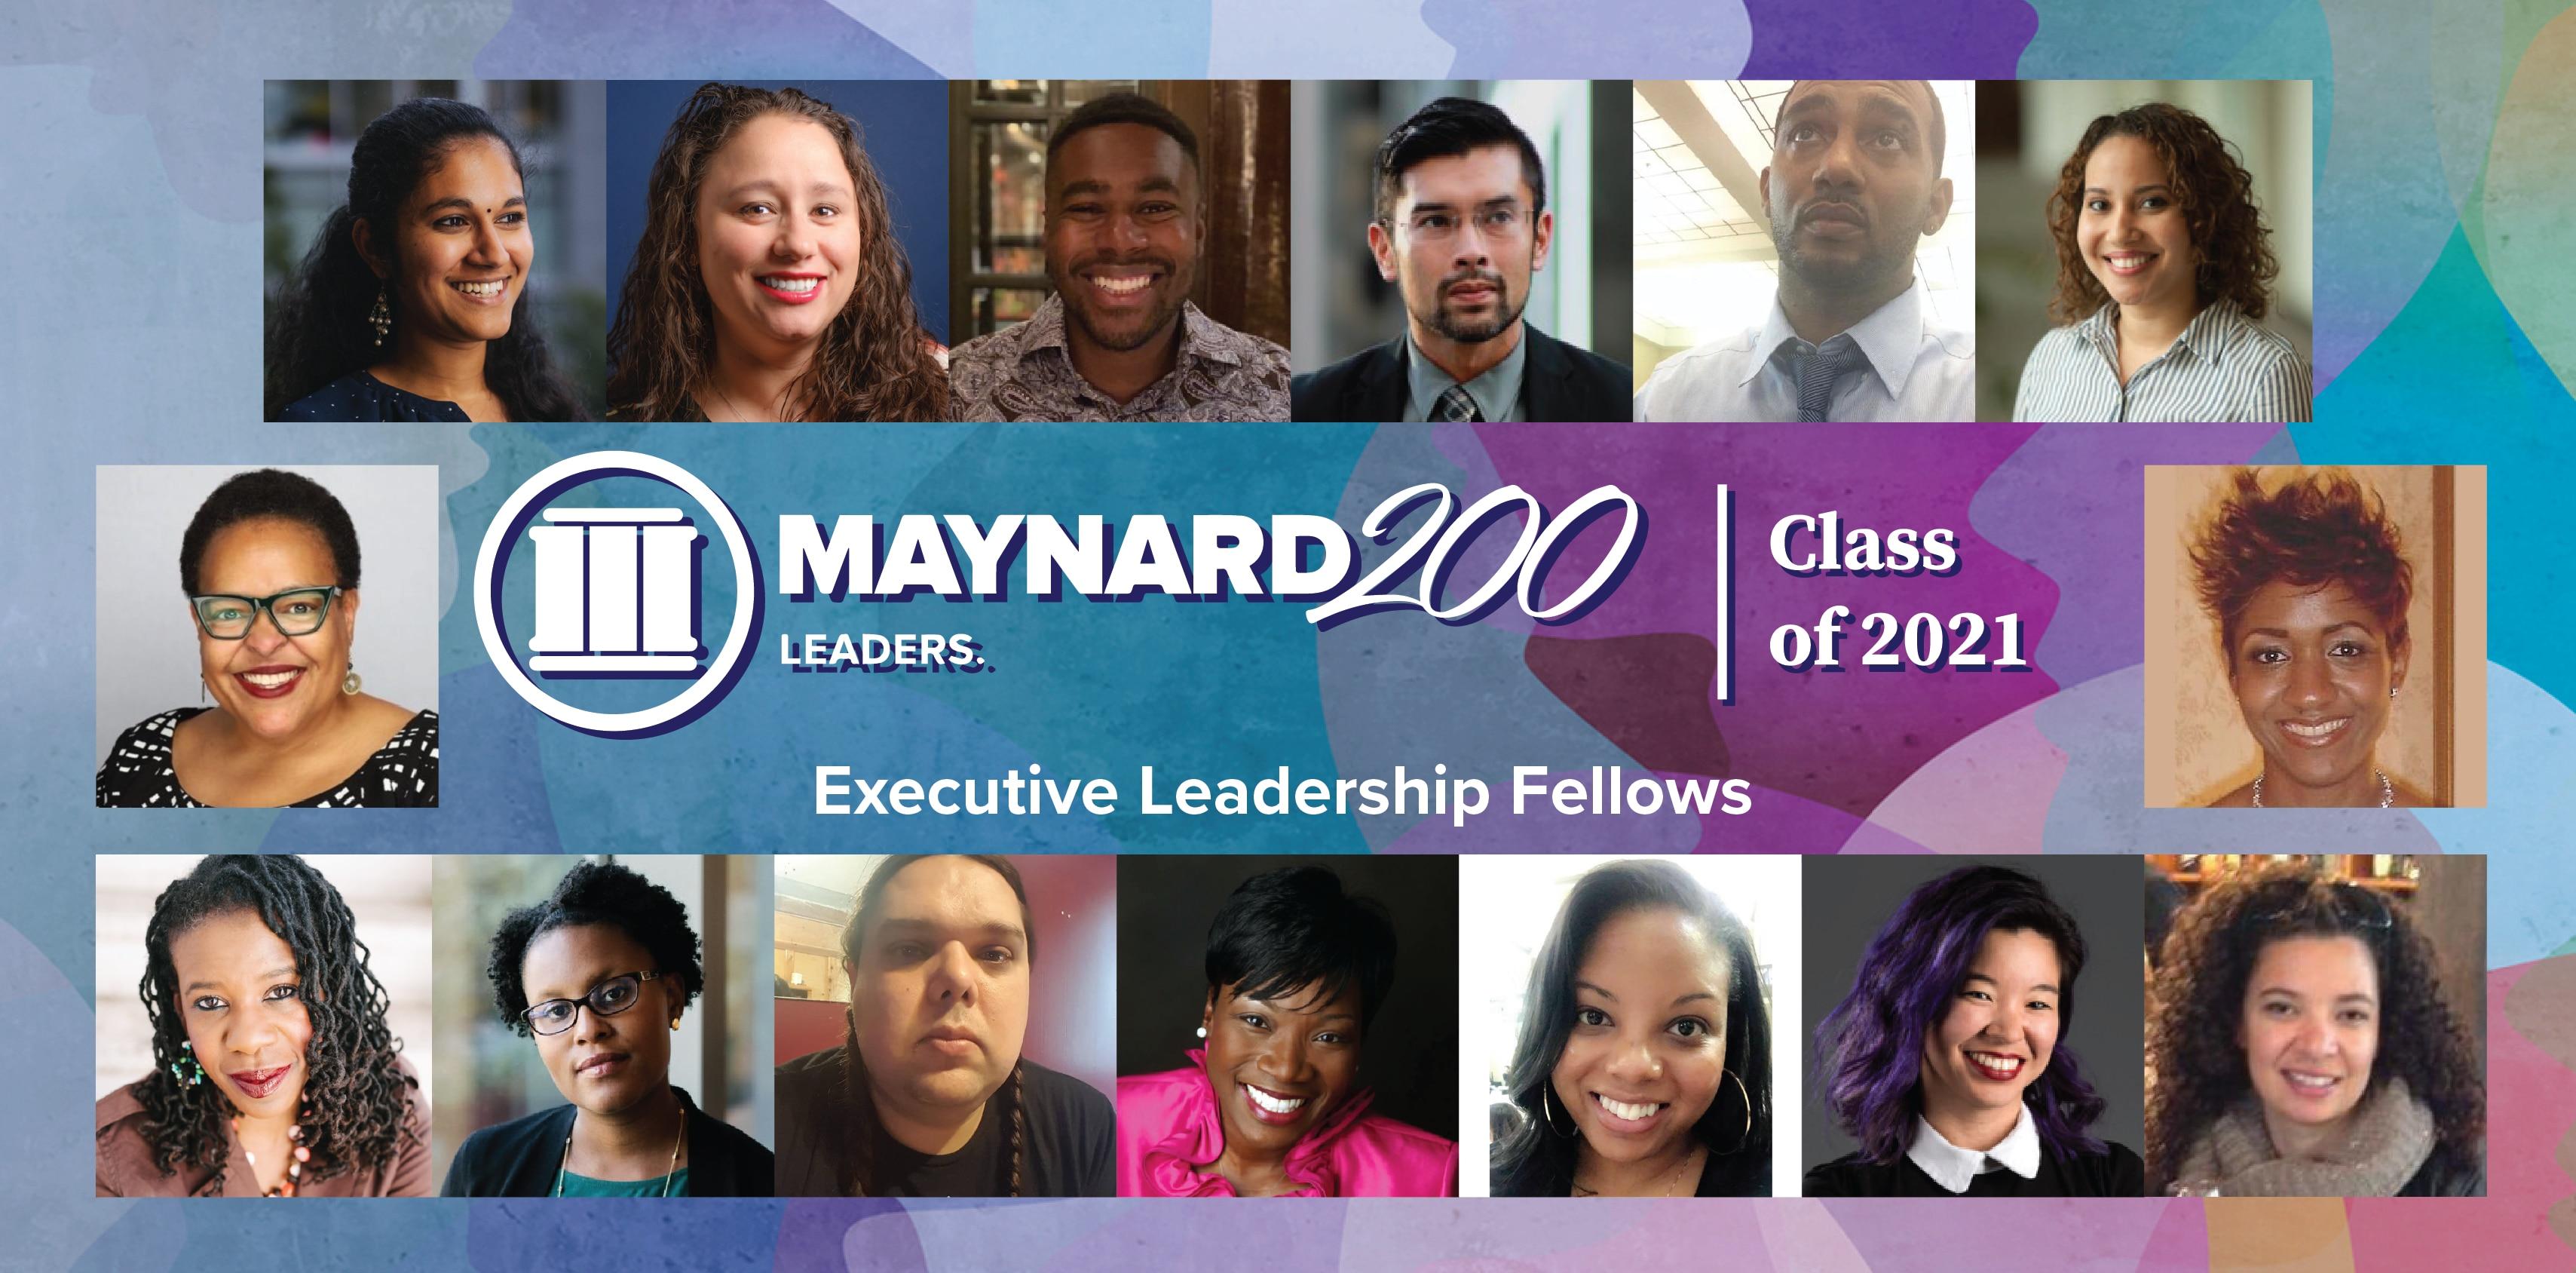 Executive Leadership Fellows